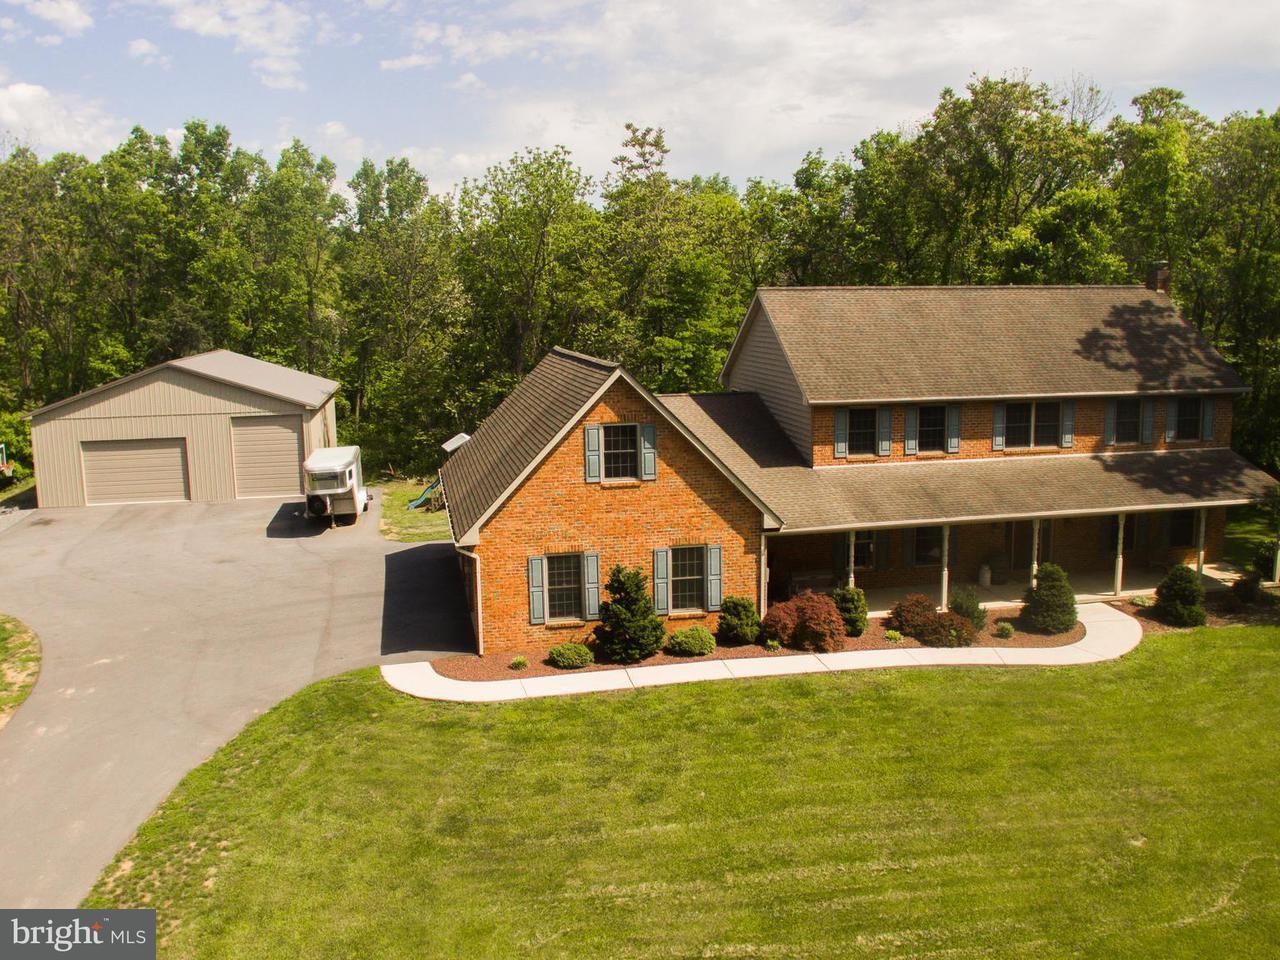 獨棟家庭住宅 為 出售 在 8703 Neck Road 8703 Neck Road Williamsport, 馬里蘭州 21795 美國